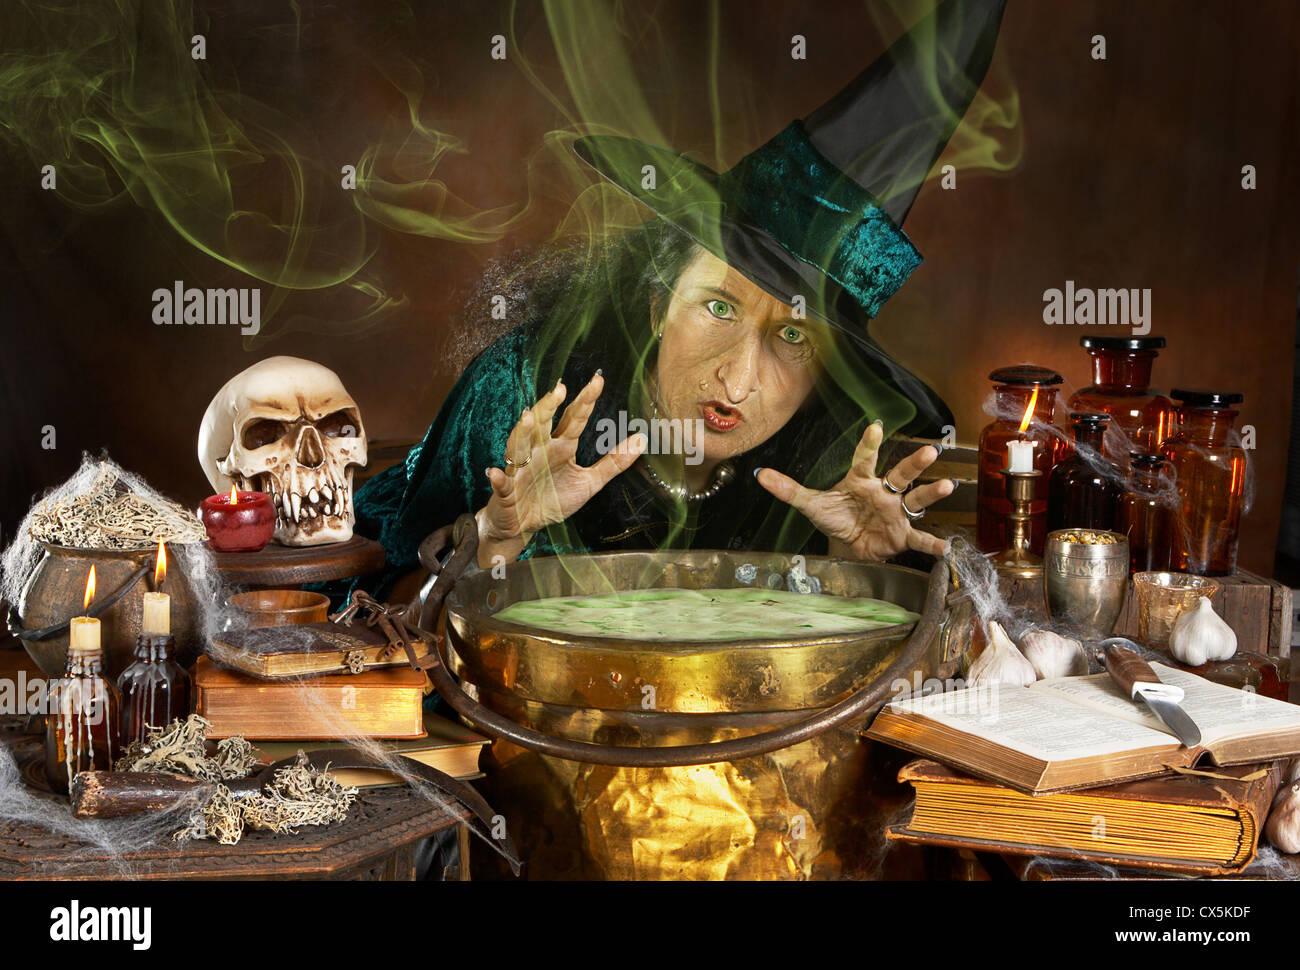 Hässliche alte Halloween Hexe einen Zauber über ihr Kessel Stockfoto ...